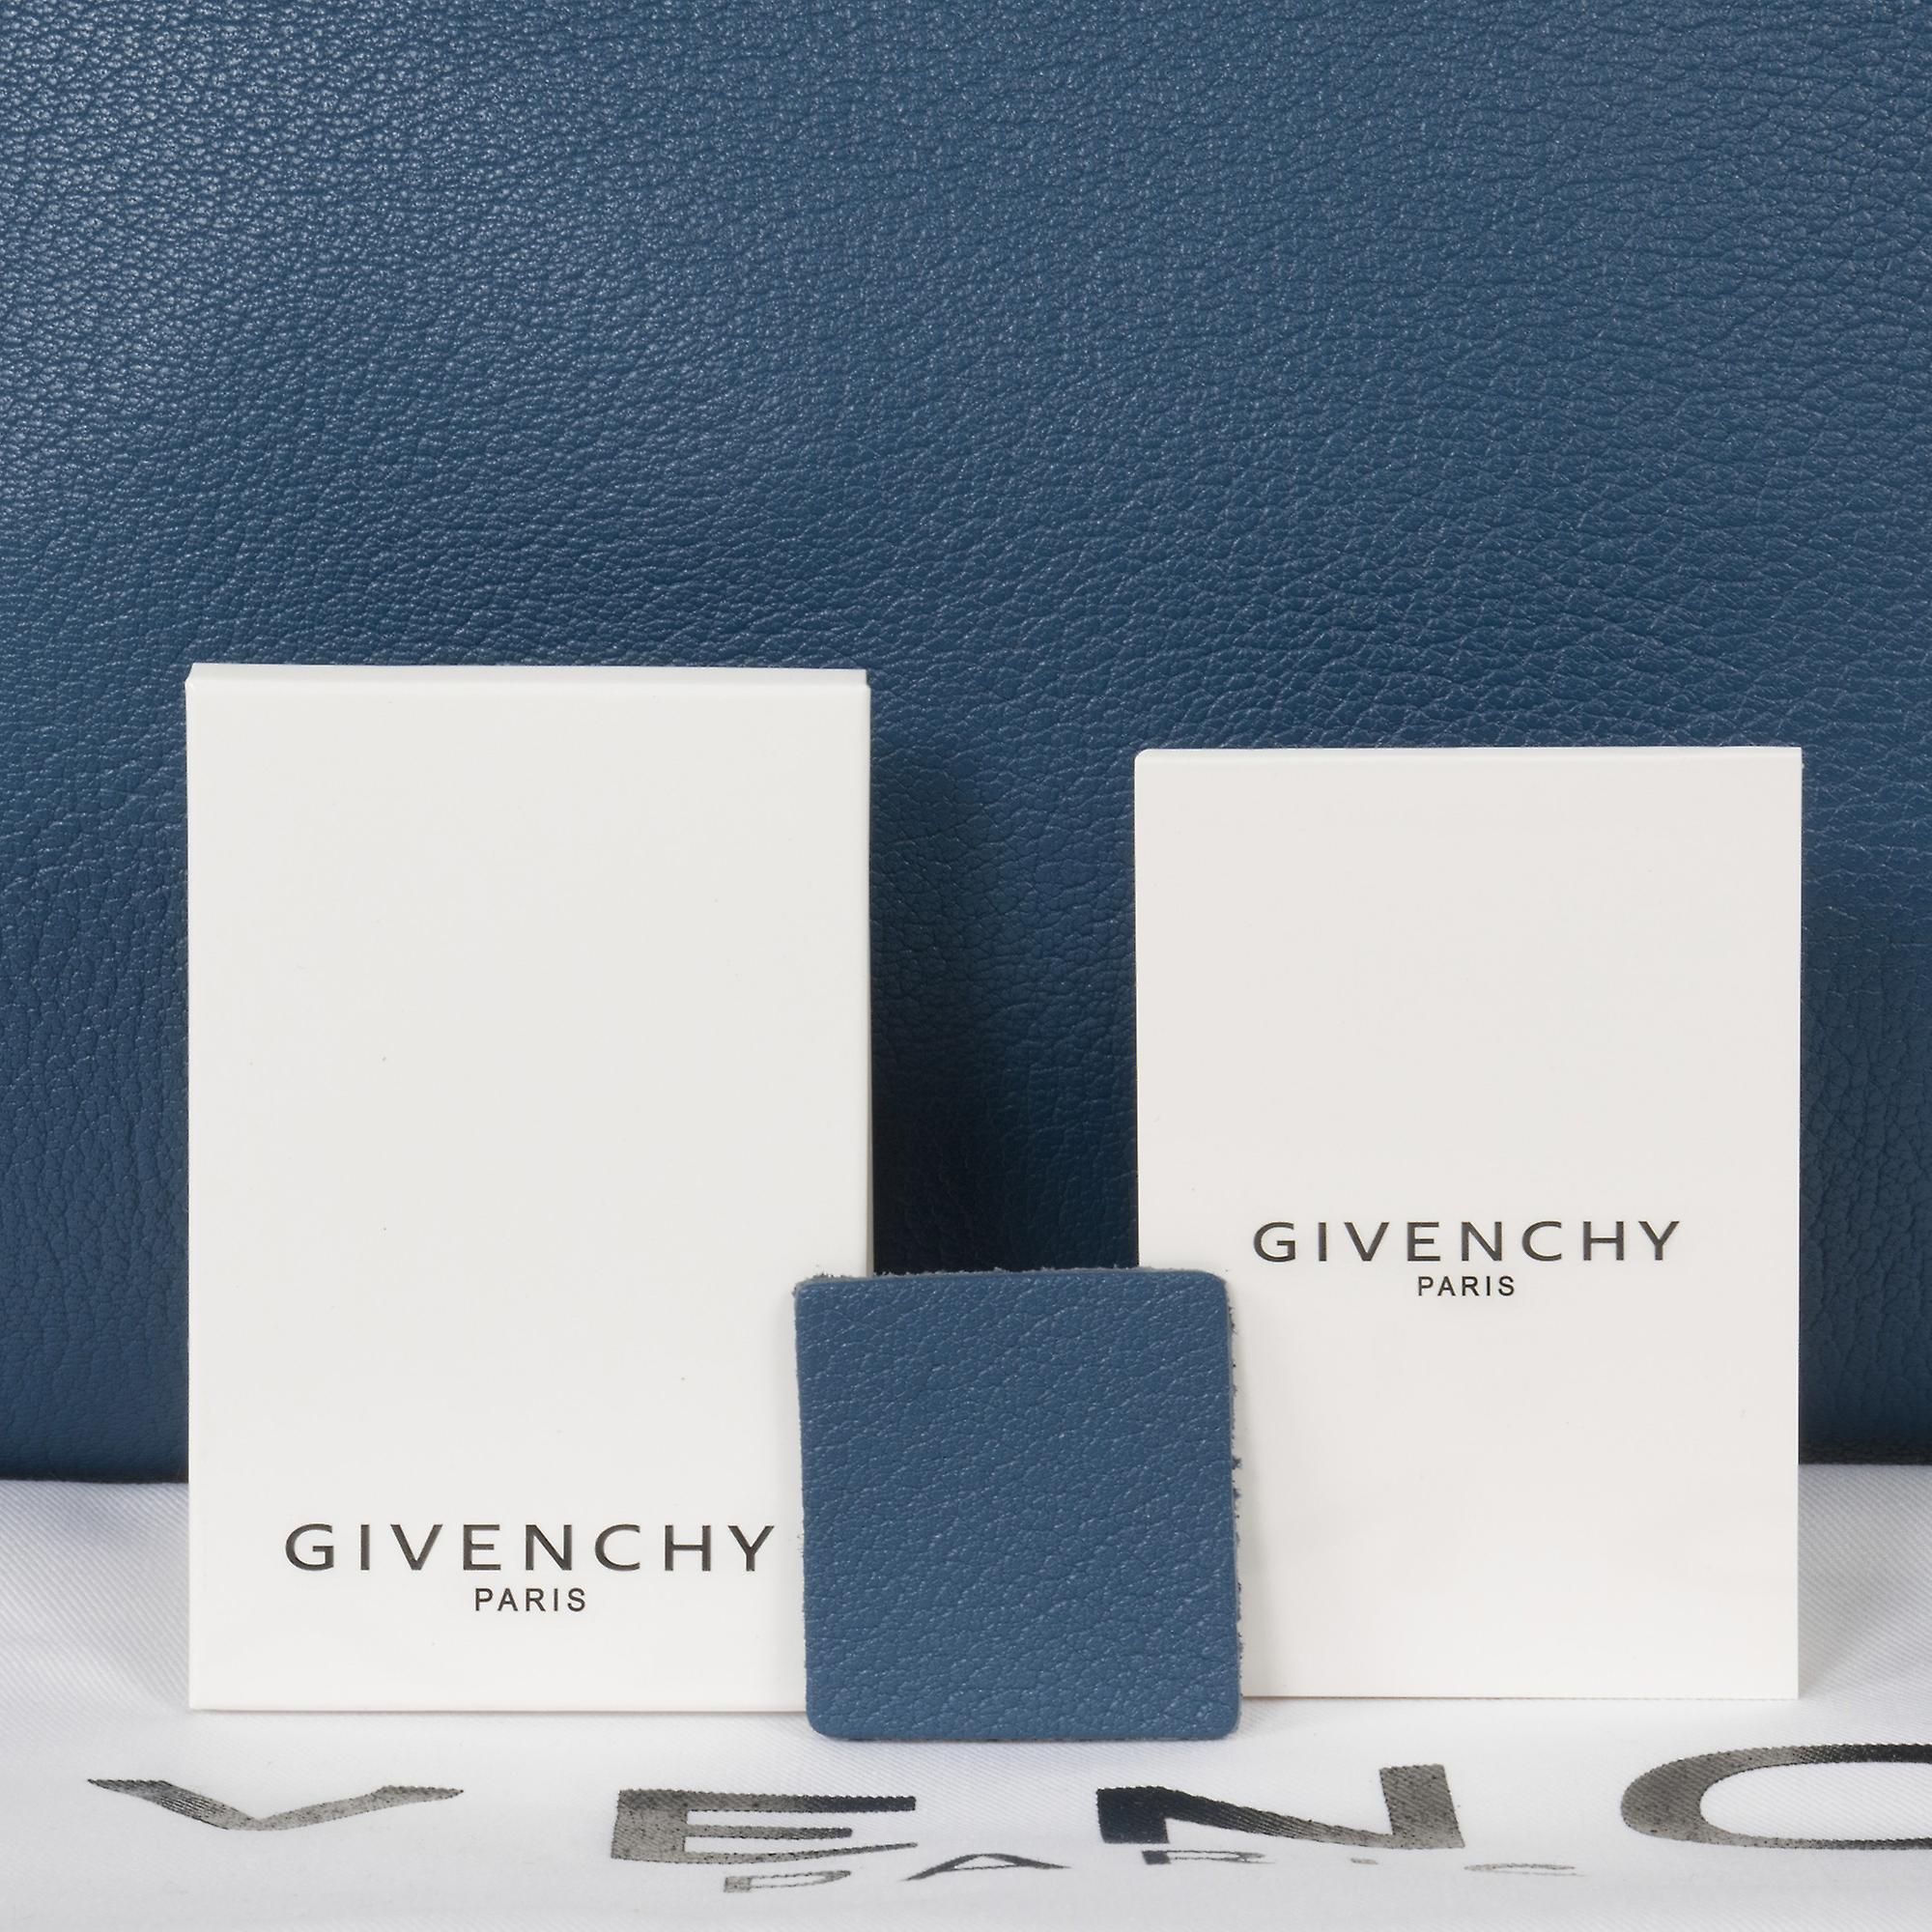 Givenchy Antigona sukker geiteskinn skinn Satchel Bag | Teal blå med sølv Hardware | Middels